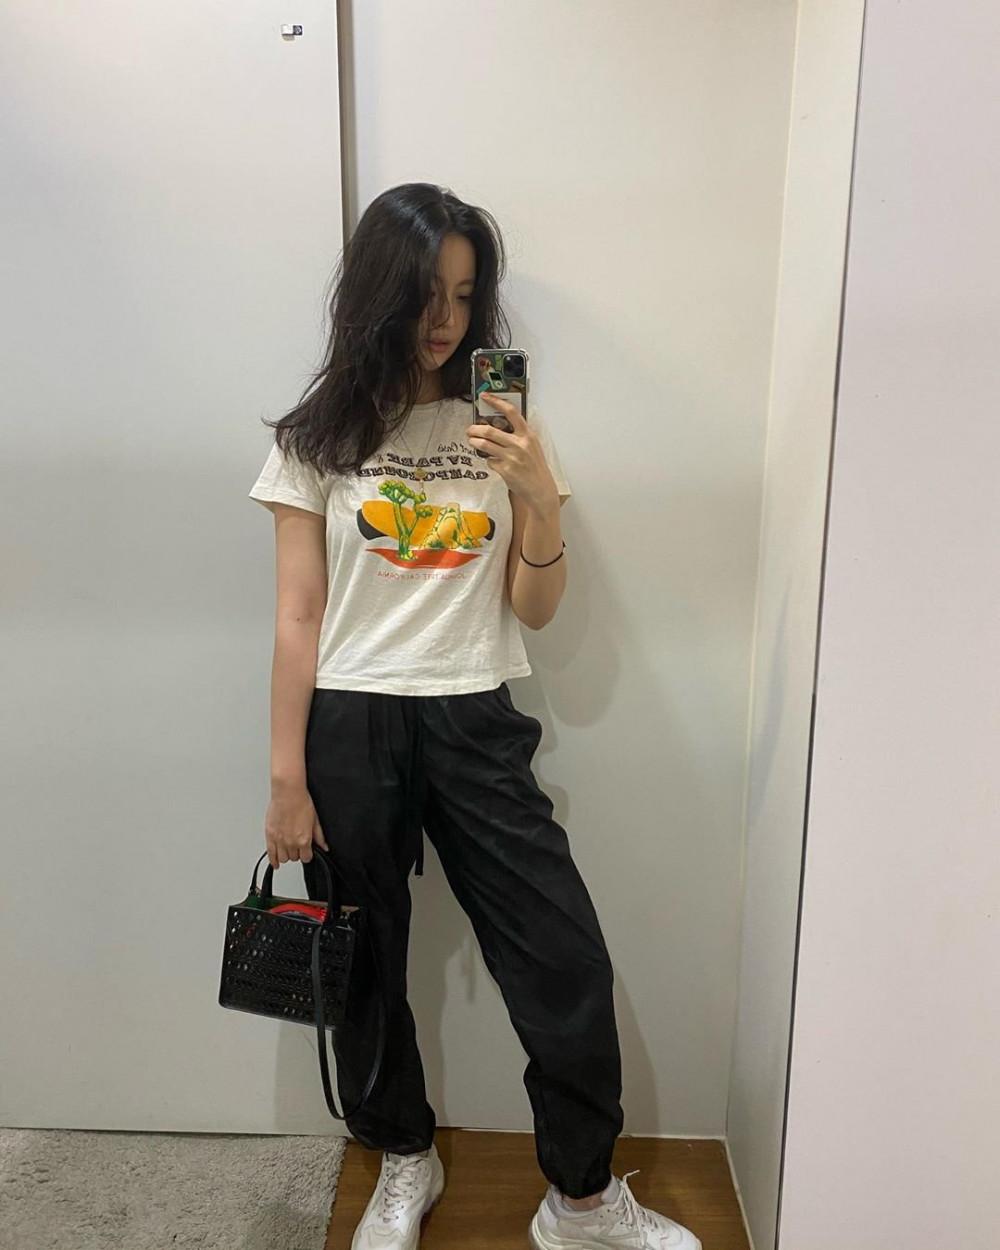 Sự kết hợp đen trắng chưa bao giờ khiến phái đẹp thất vọng. Phong cách thời trang phóng khoáng của Oh Yeon-seo, phối áo phông trắng cổ điển có in hoạt tiết và quần jogger đen cùng đôi giày thể thao trắng giúp cô chẳng khác nào gái đôi mươi dù đã bước qua tuổi 33.